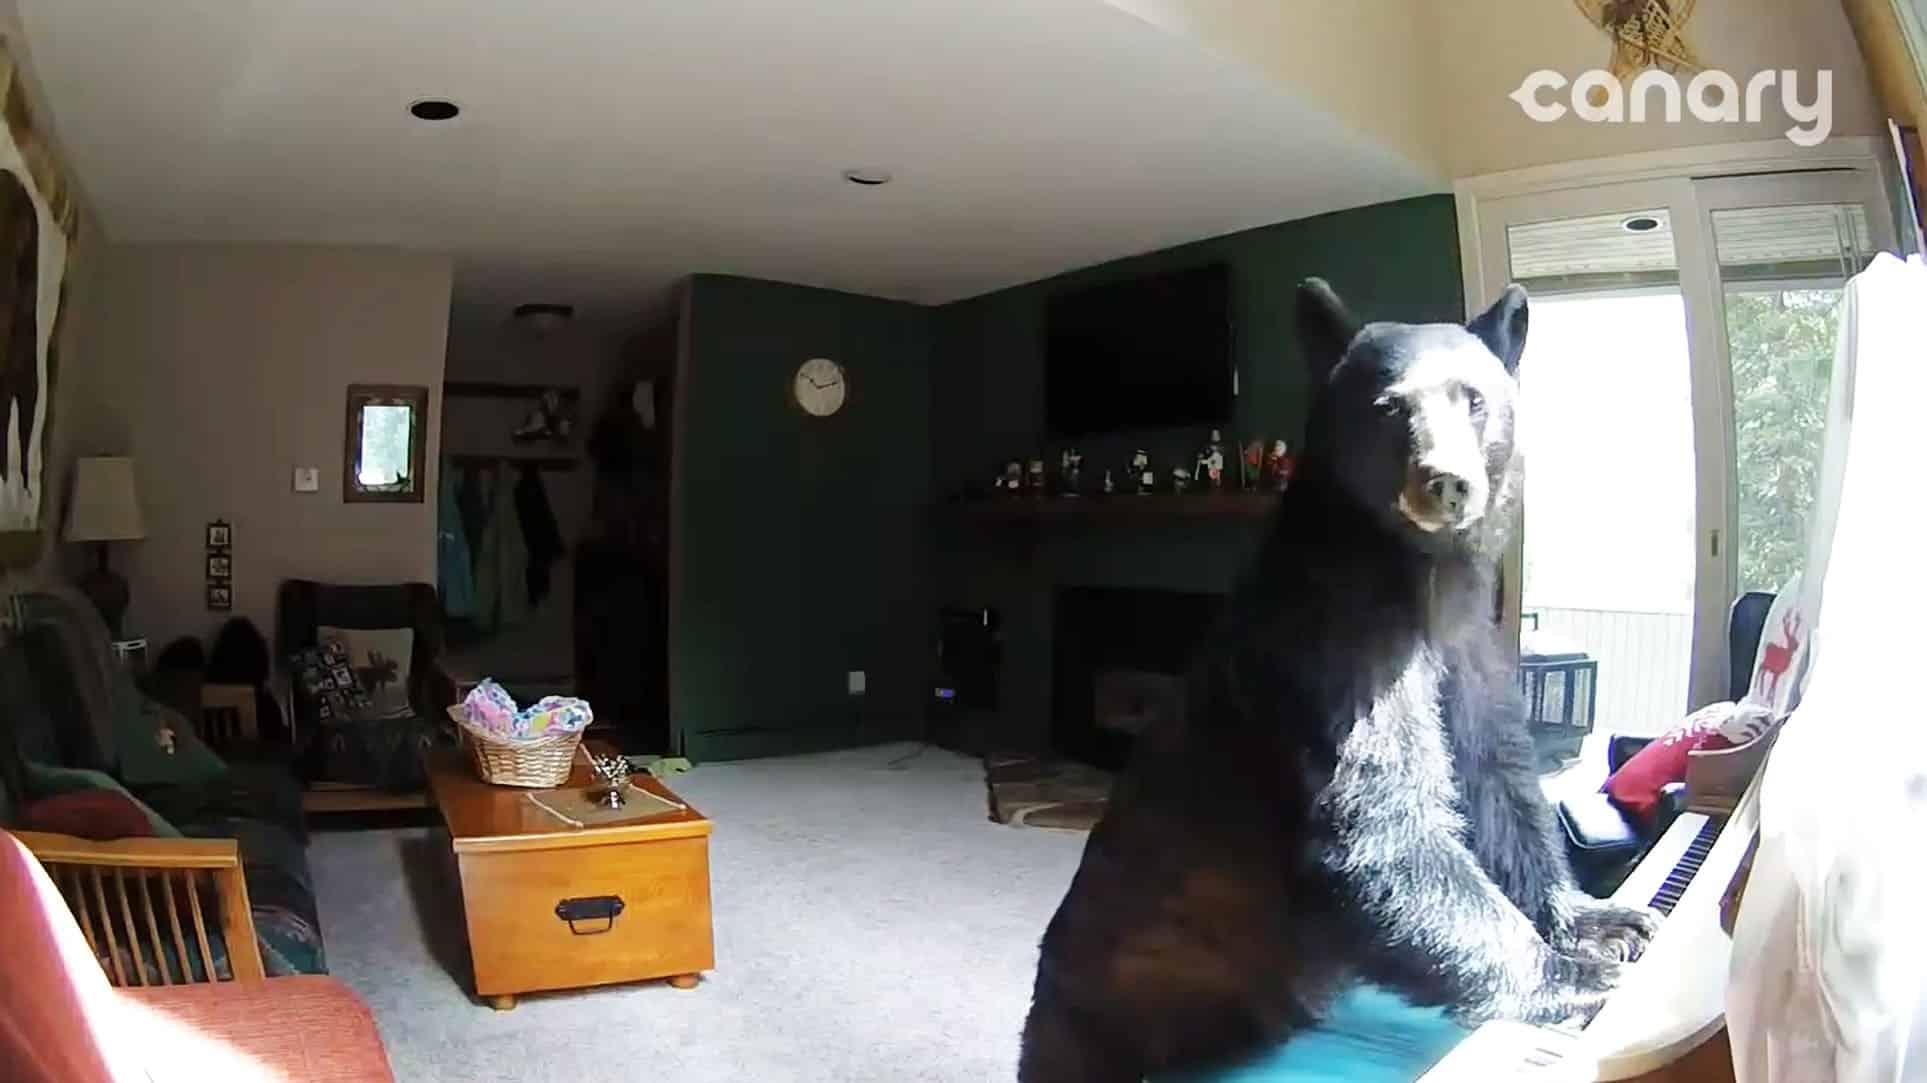 #Video Un oso entra en una casa, toca el piano, roba comida y se va 9